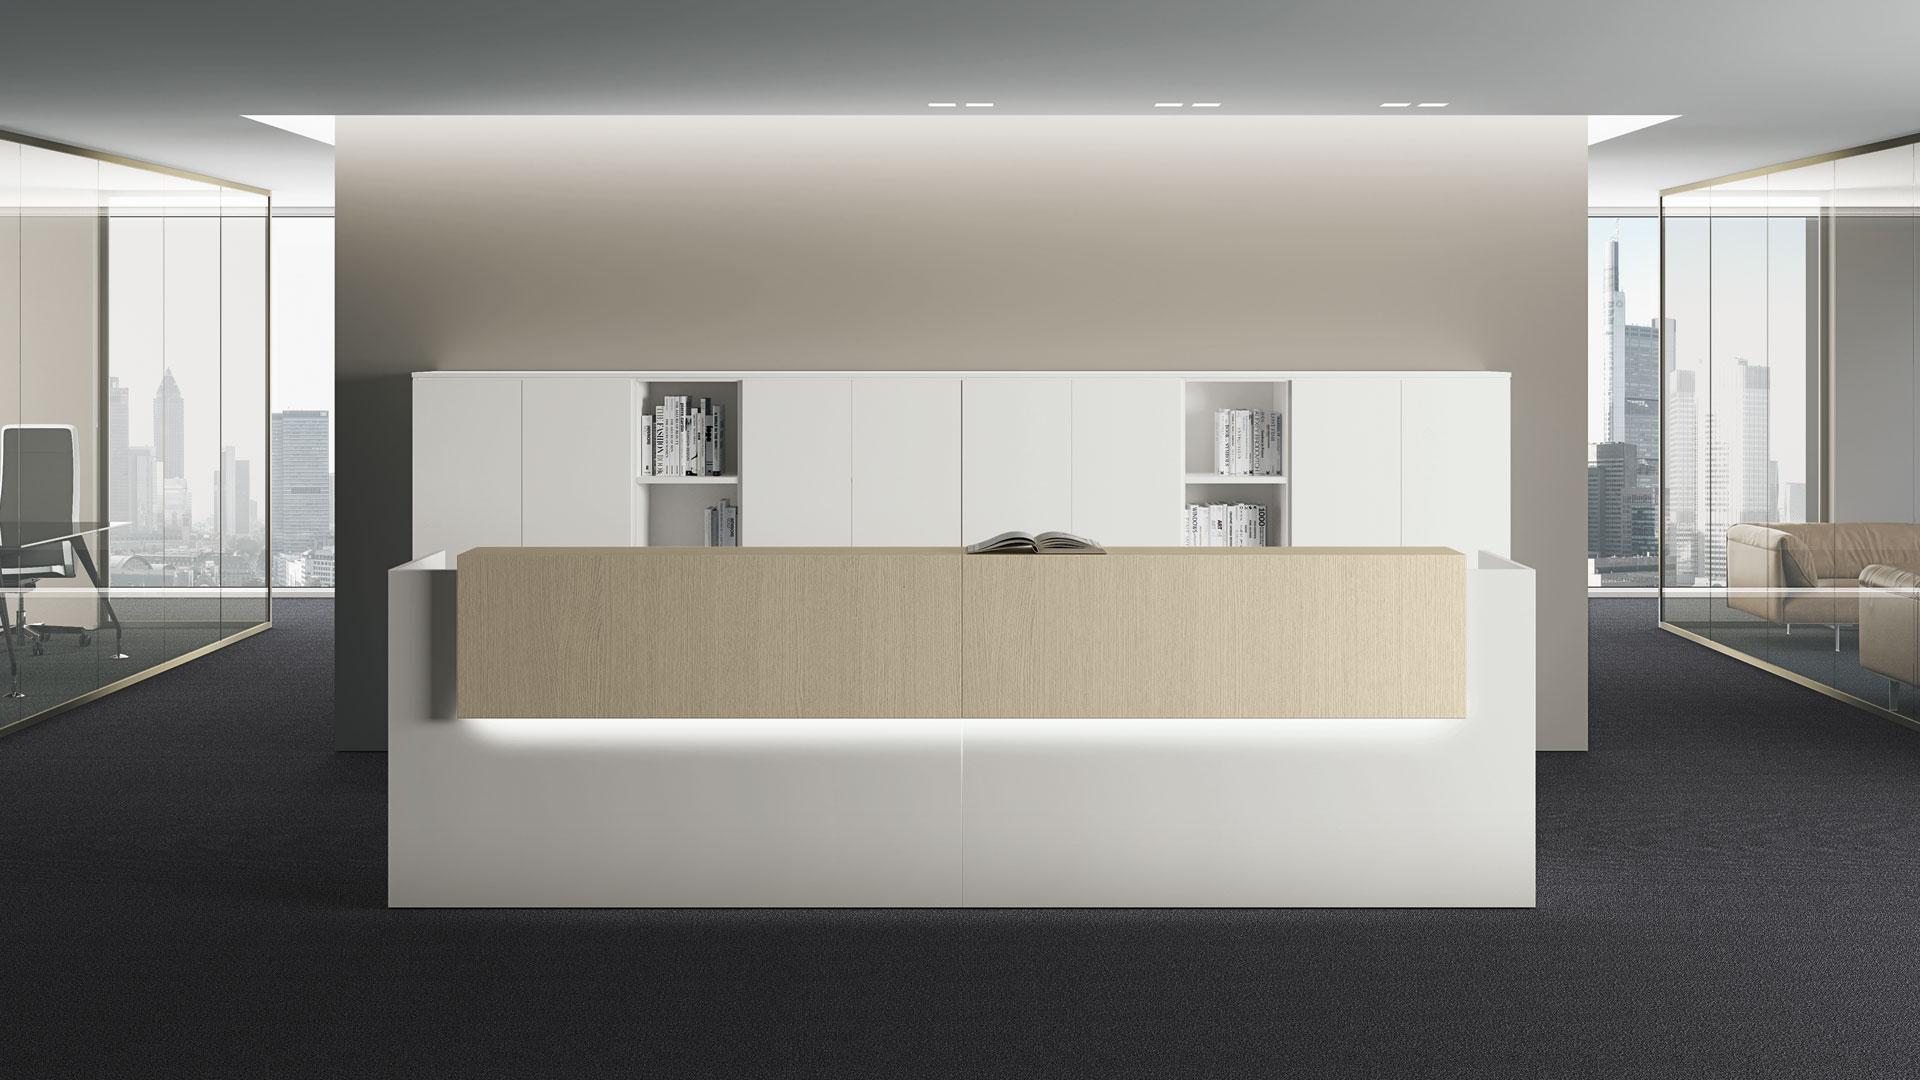 Soluzioni di qualità per ogni ambiente della casa. Arredamenti Mobili Per Ufficio Giannone Computers